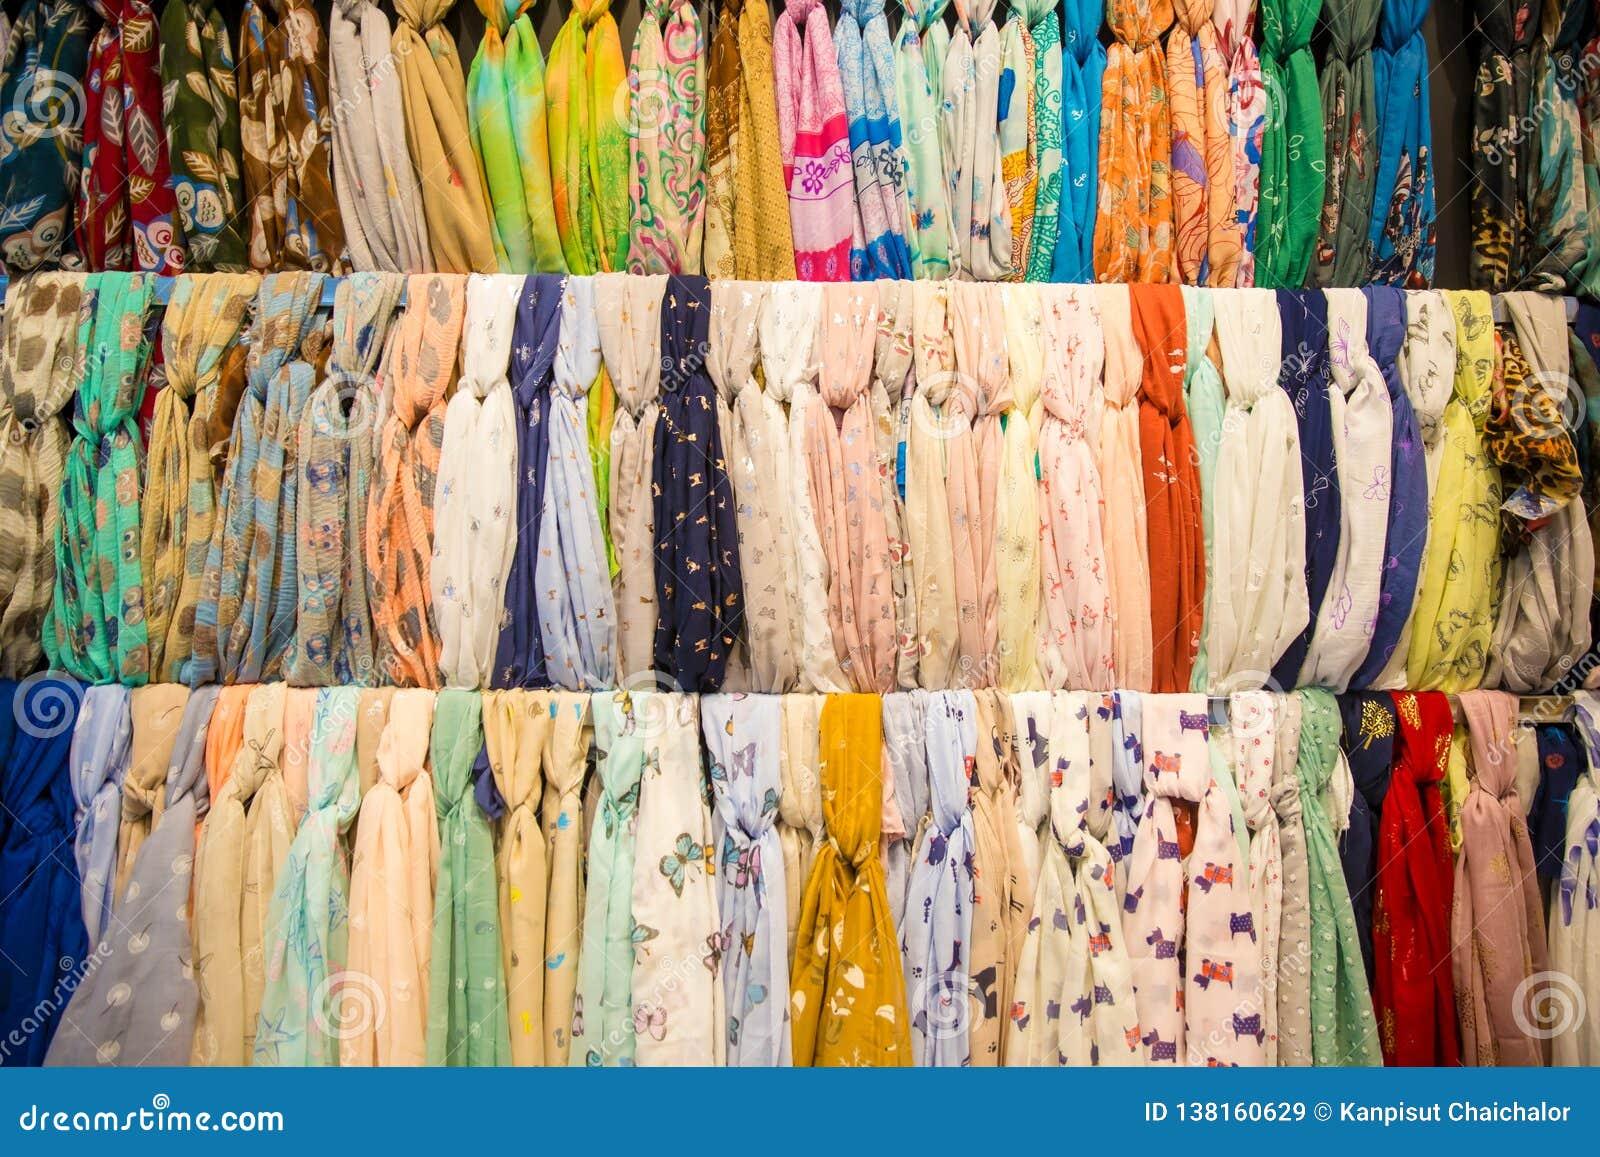 Много ярких женских шарфов и шаль Красочные шарфы вися в рынке Одежды кладут на полку с выбором шарфов или шарфов